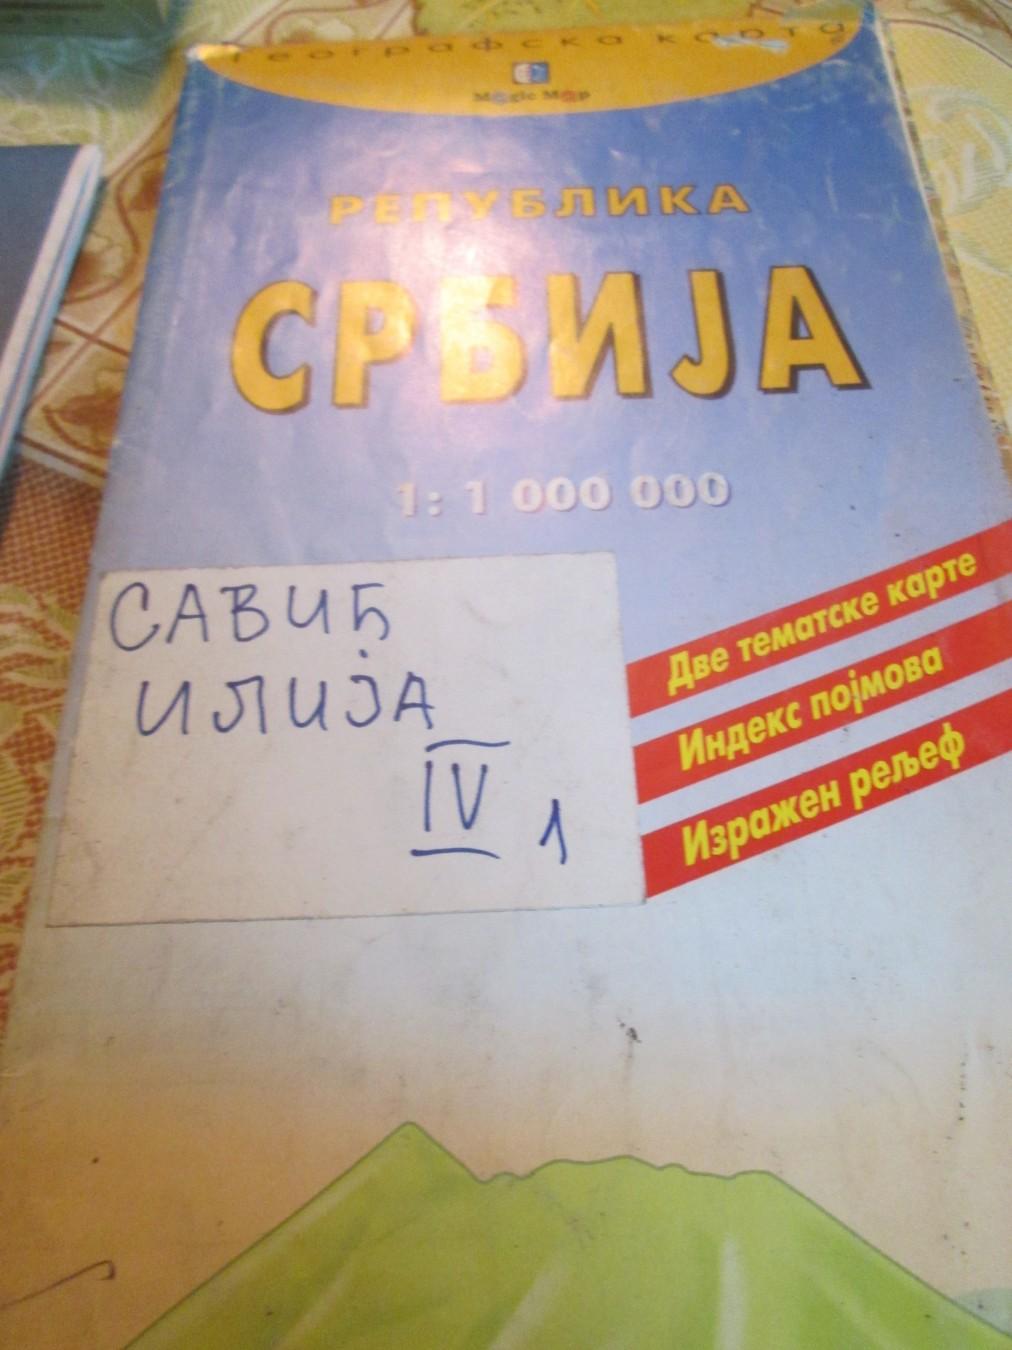 Geografska karta Srbija 1:1 000 000 - Kupindo com (28792085)